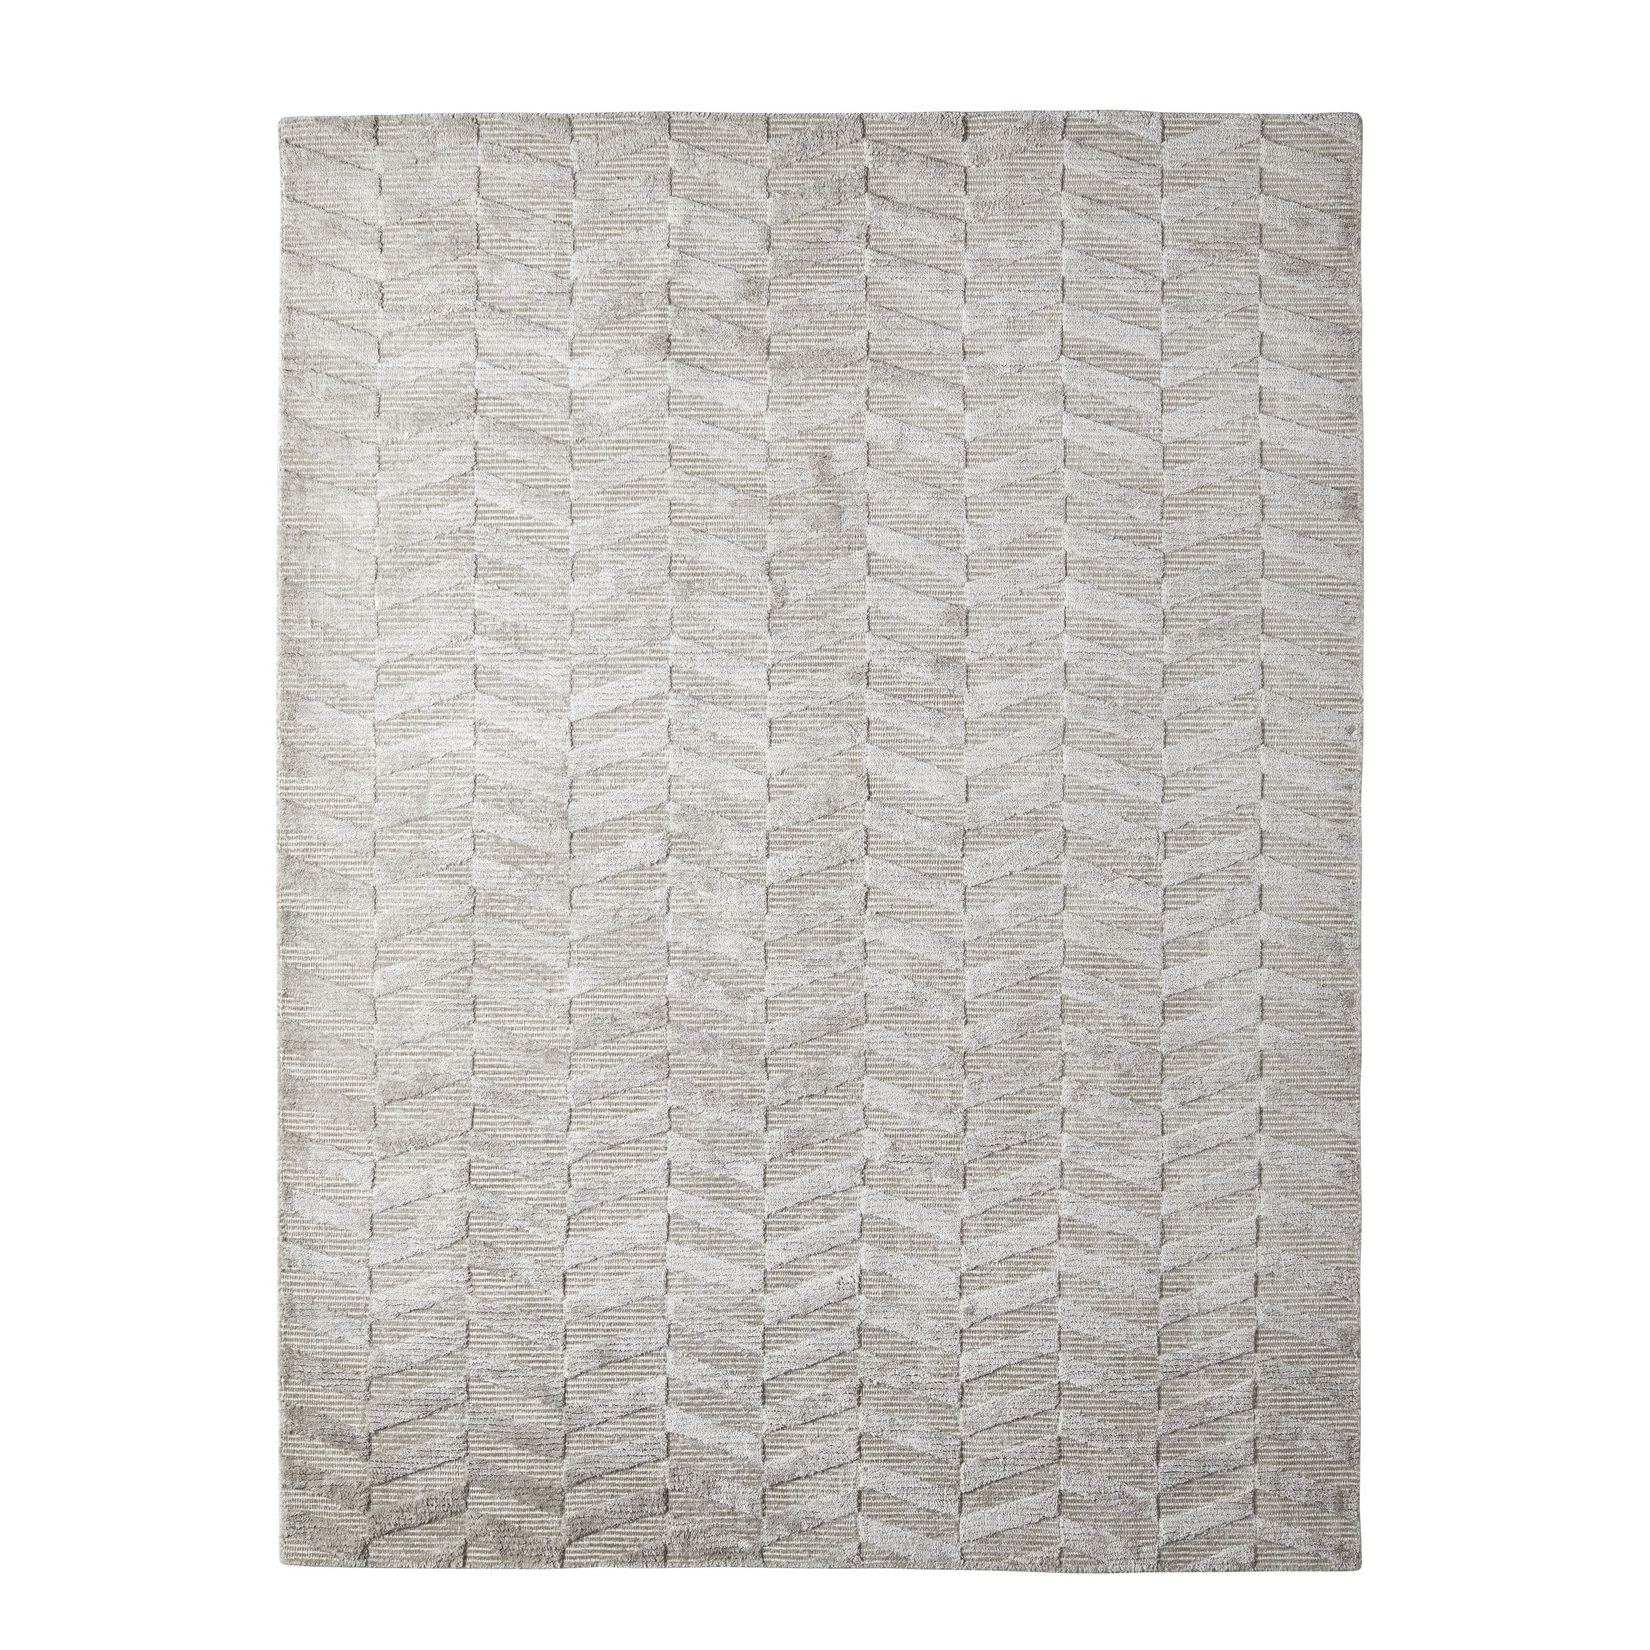 Viskosmatta CHEVRON ALUMINIUM 170x230 cm, Classic Collection